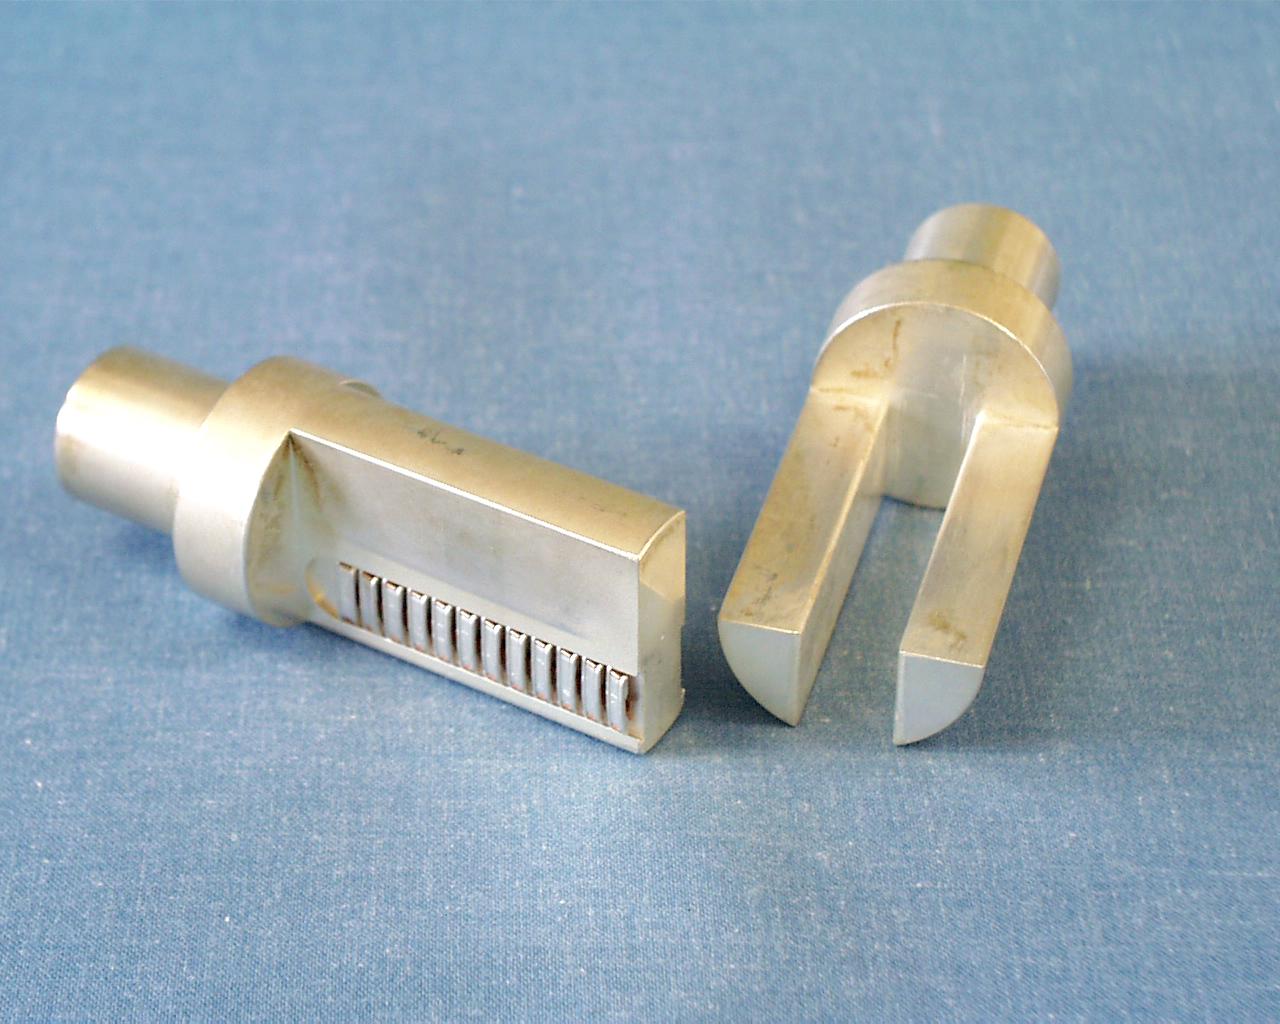 ケーブル圧着型 フォークプラグ&ソケット